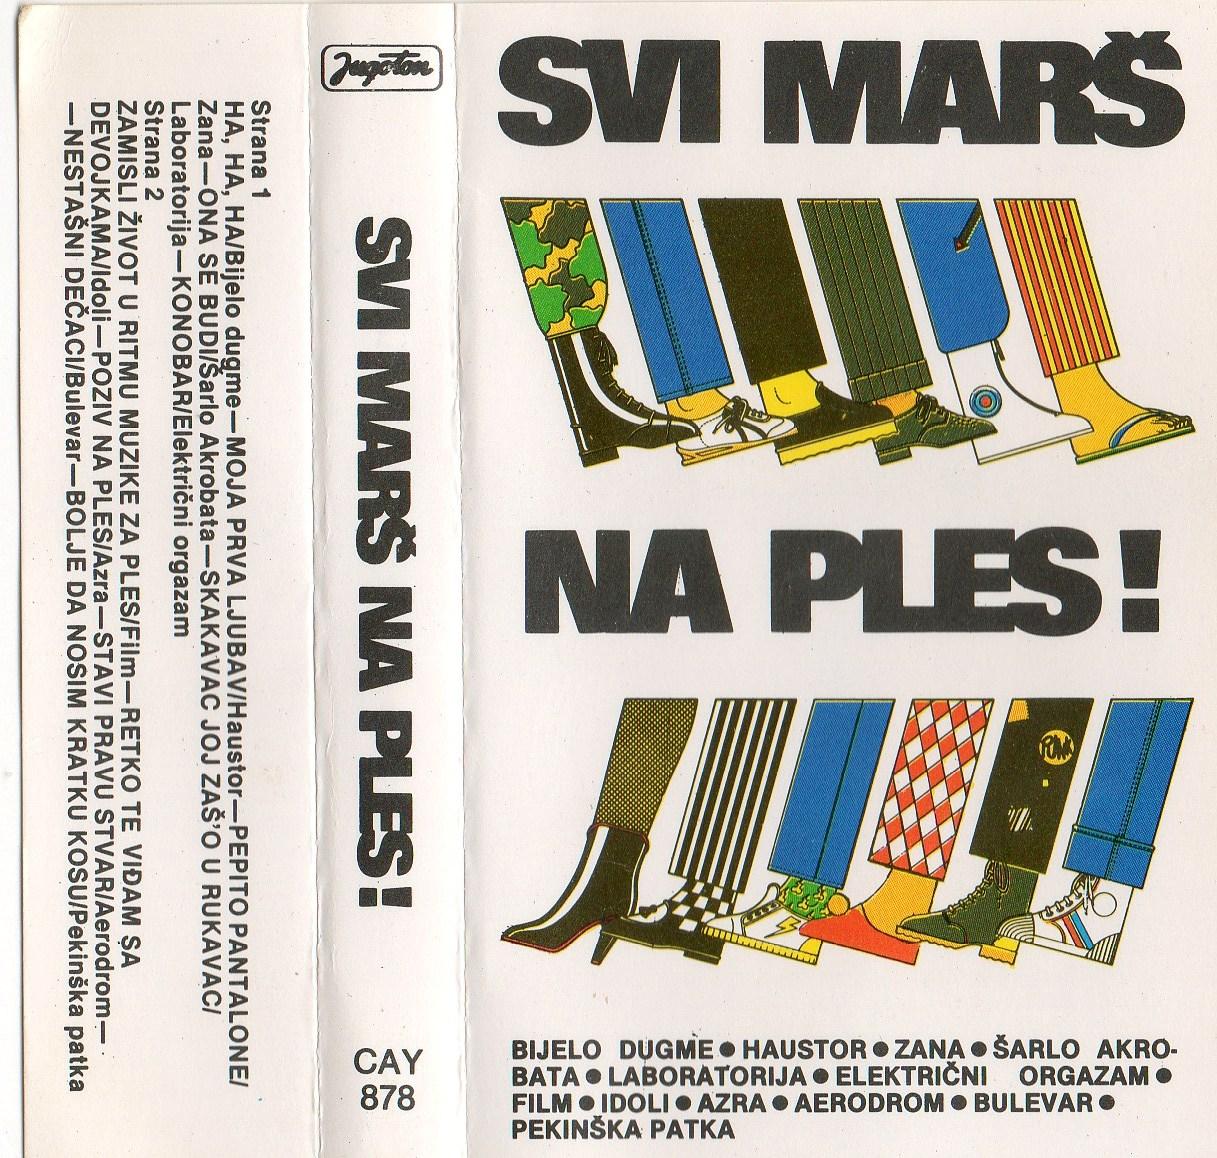 Muzika Komunika V A Svi Mar Na Ples 1980